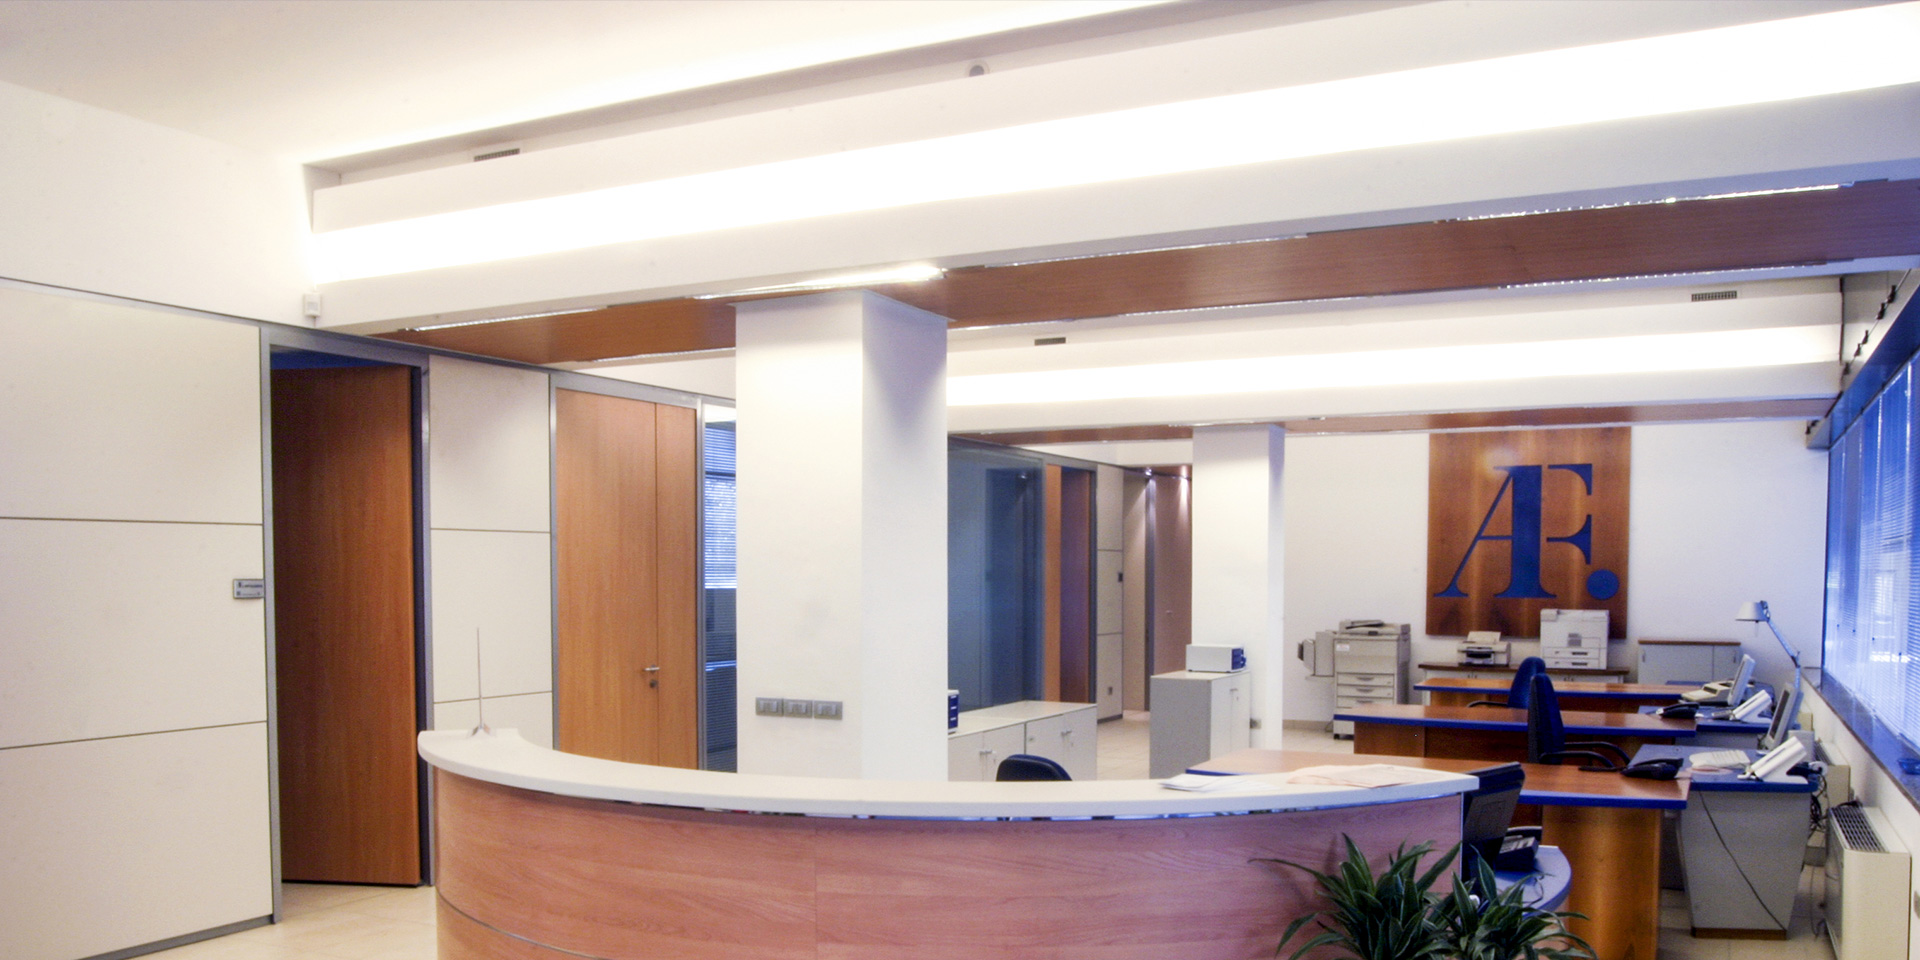 Artigianfidi, Binini Partners, Società di architettura e ingegneria, Reggio Emilia, Italia